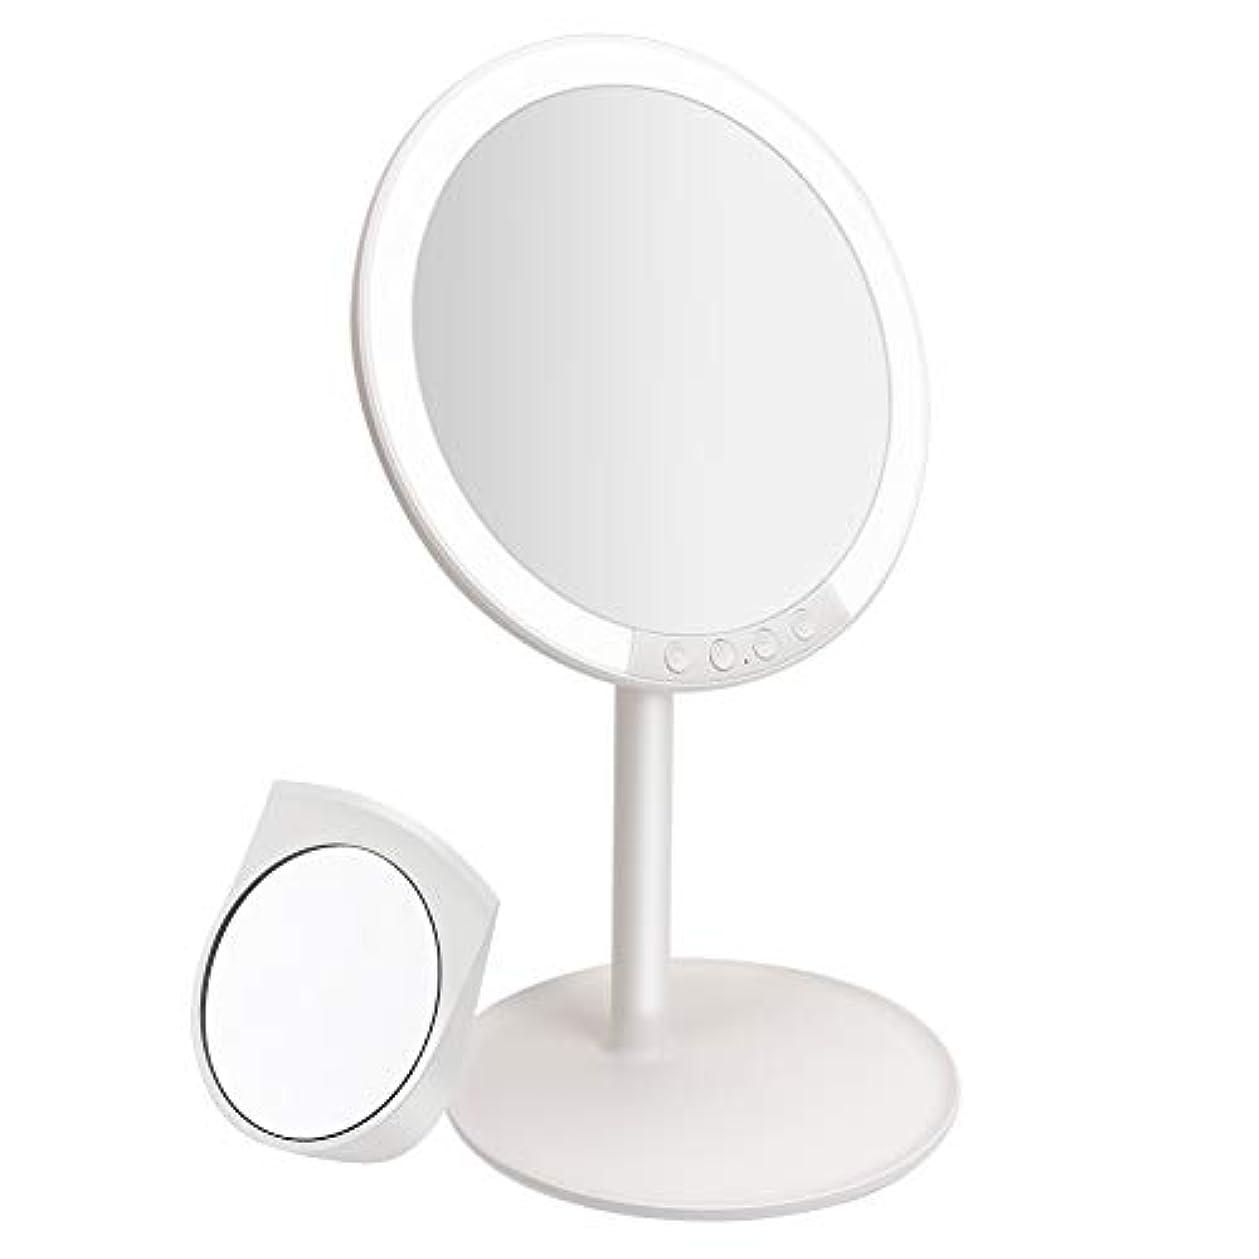 著名なありがたい司令官化粧鏡 卓上ミラー 鏡 化粧ミラー 女優ミラー 充電式 led付き 7倍拡大鏡付き 寒暖色調節可能 明るさ調節可能 120°回転 ホワイト